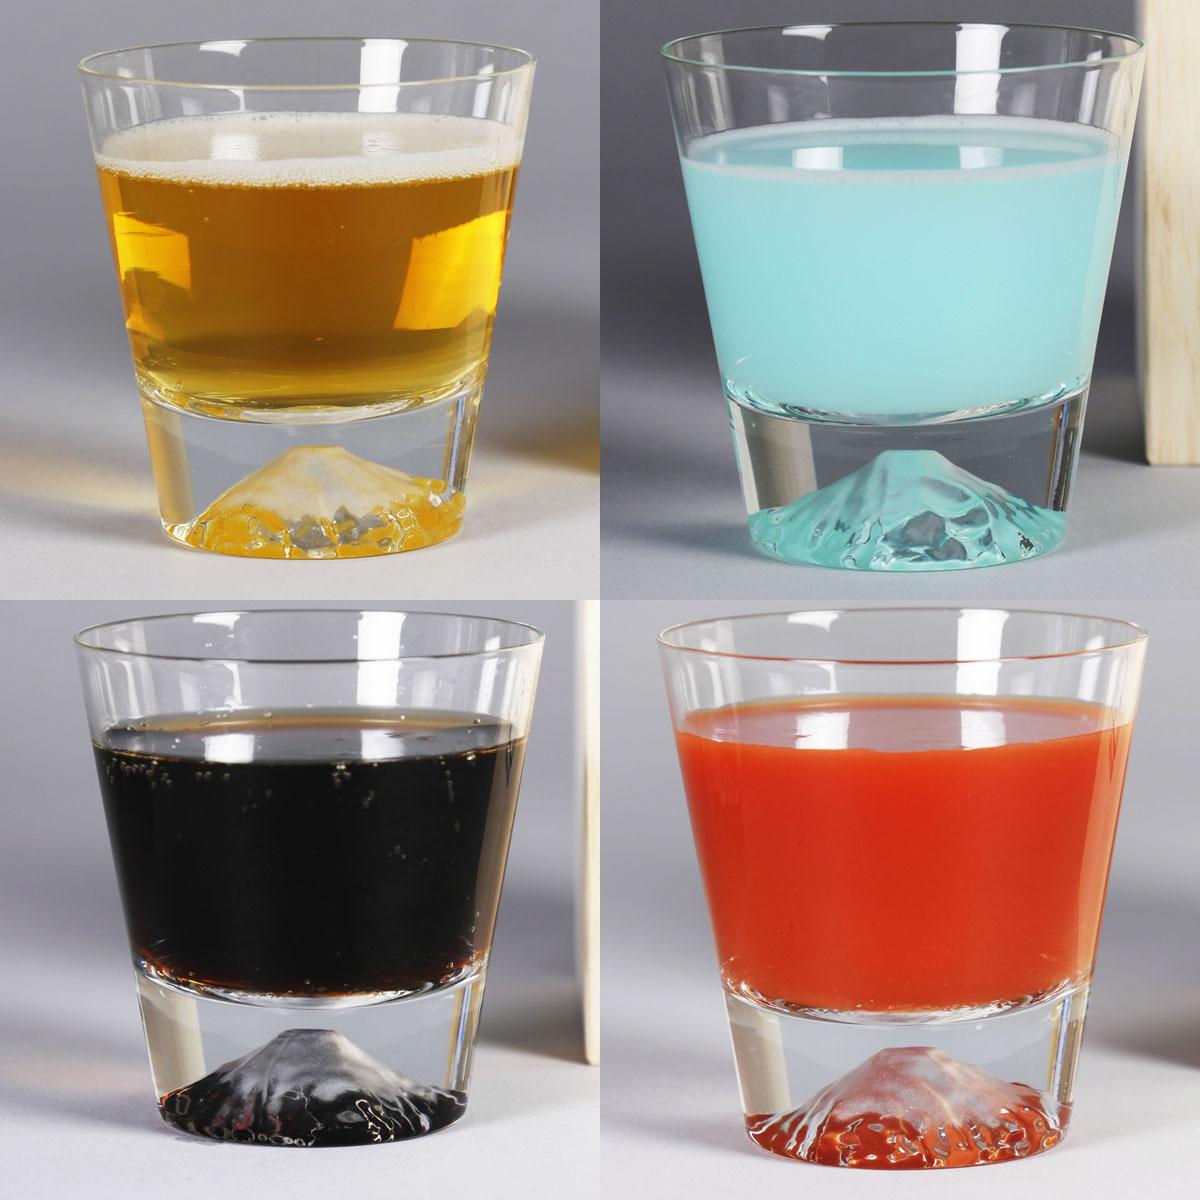 飲み物で色が自在に変化する「富士山グラス」が美しすぎる